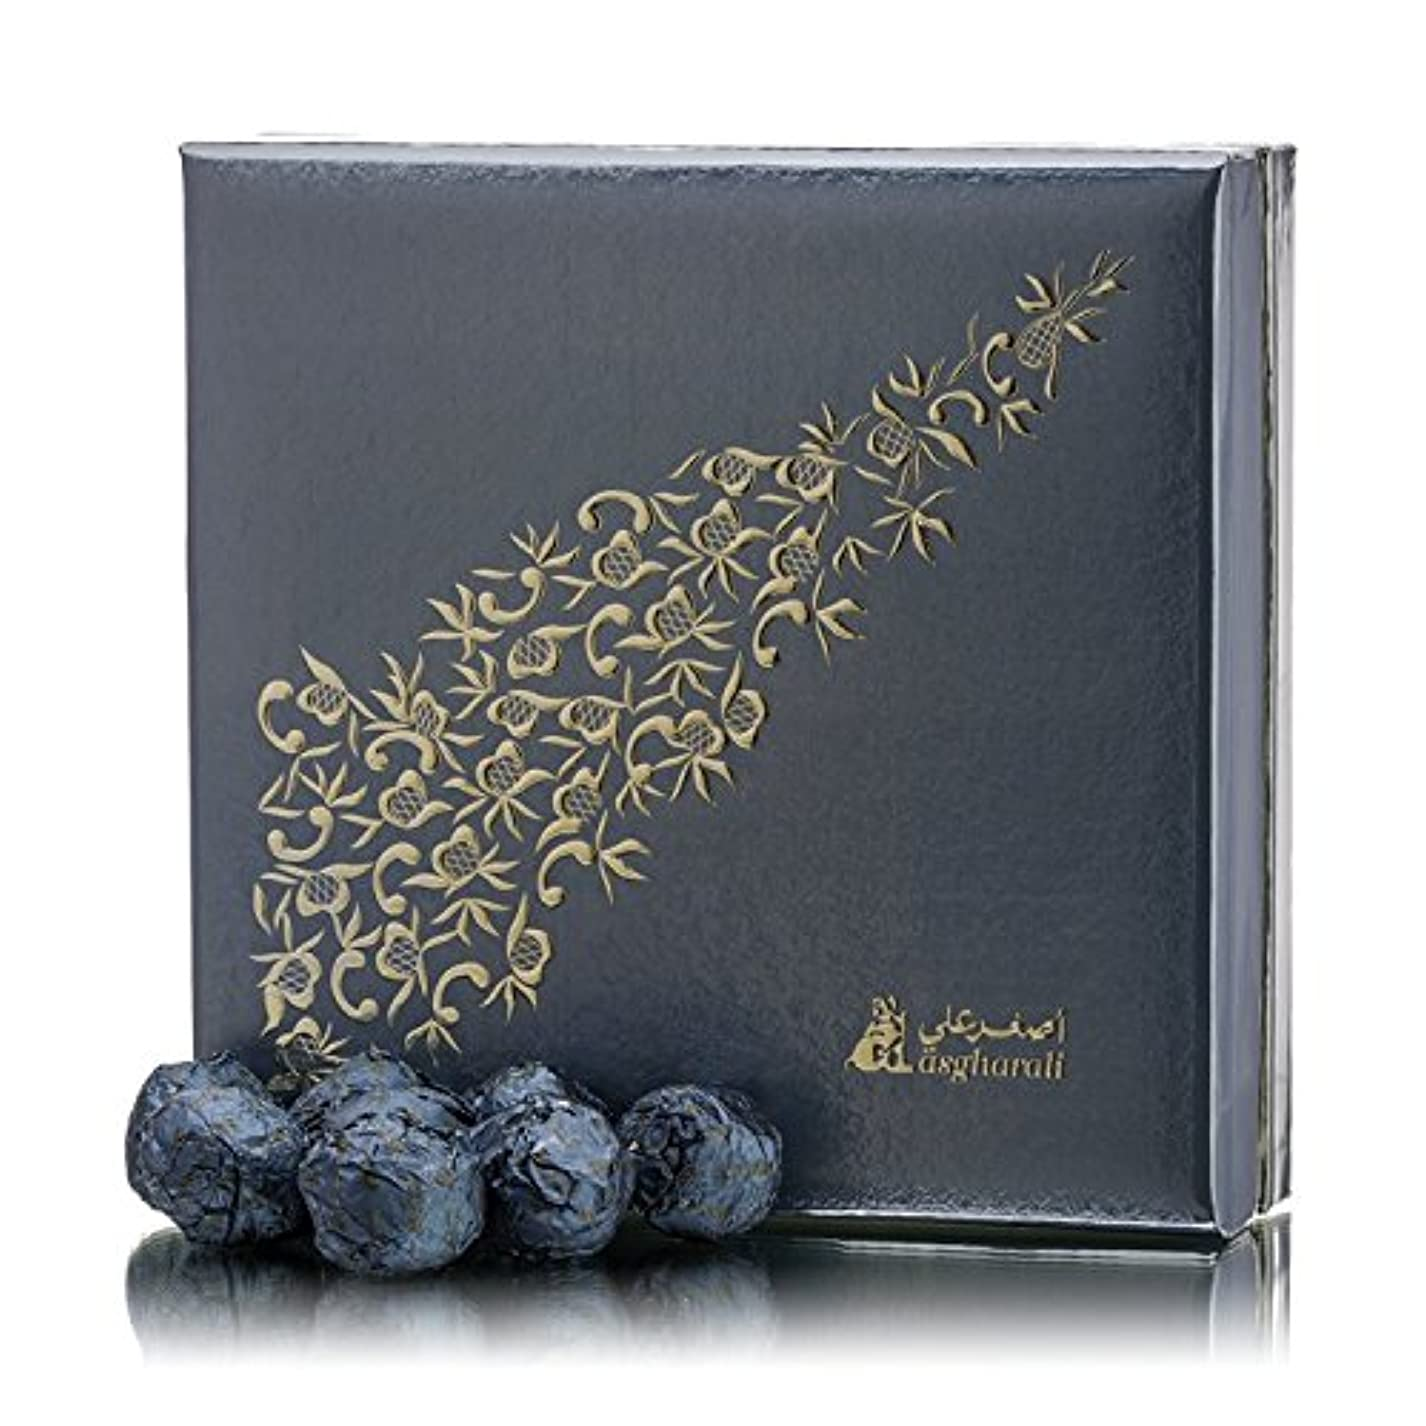 黙認するベリーに渡ってAsgharali debaaj mustabaraq 300ミリグラム – Shay Oud、花柄、Woody、Oriental Incense Limited Edition Bakhoor